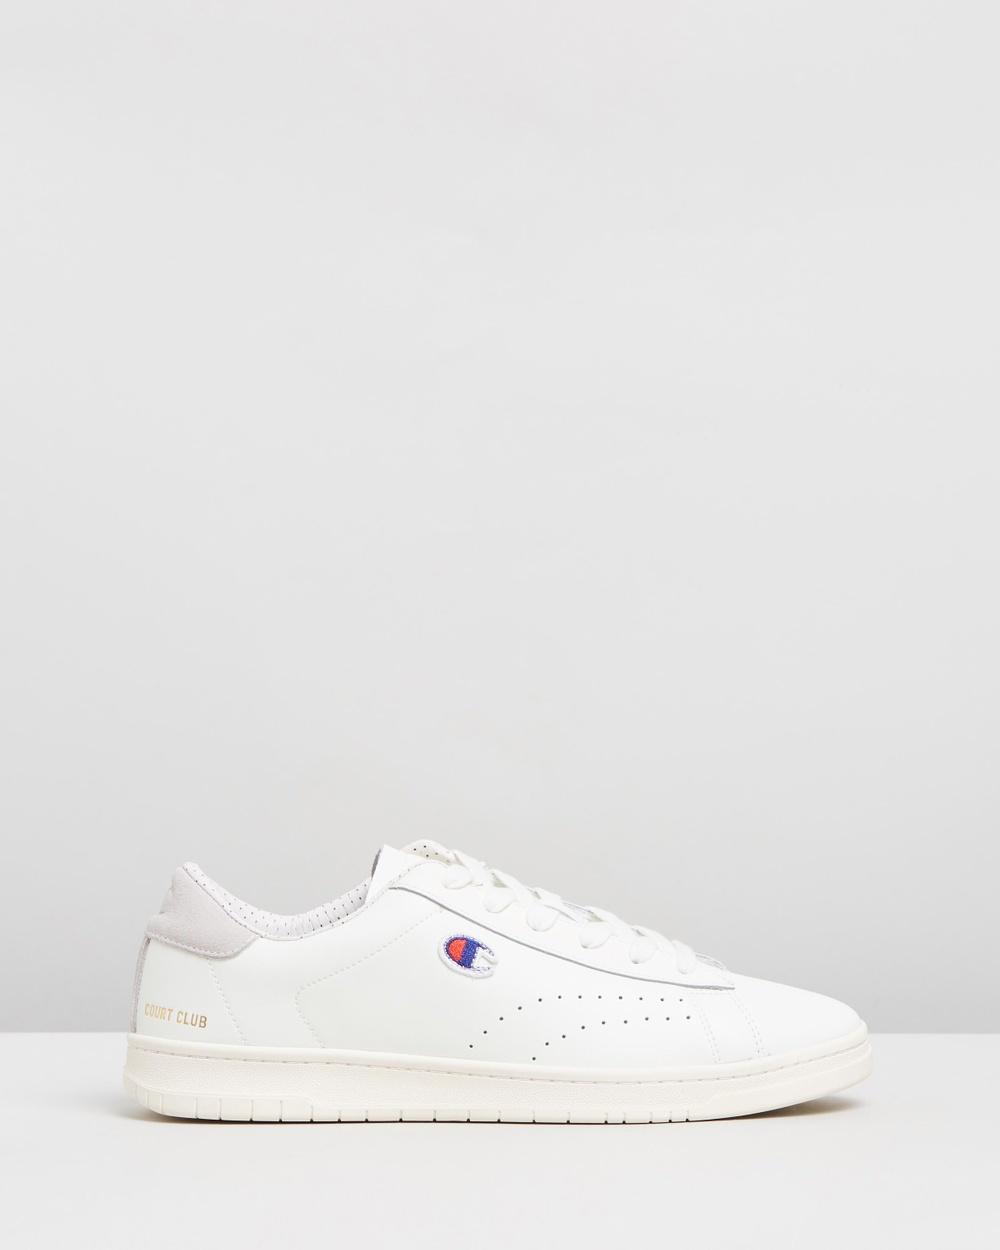 Champion - Court Club Plus Men s - Sneakers (White) Court Club Plus - Men s 7c4f974c7506